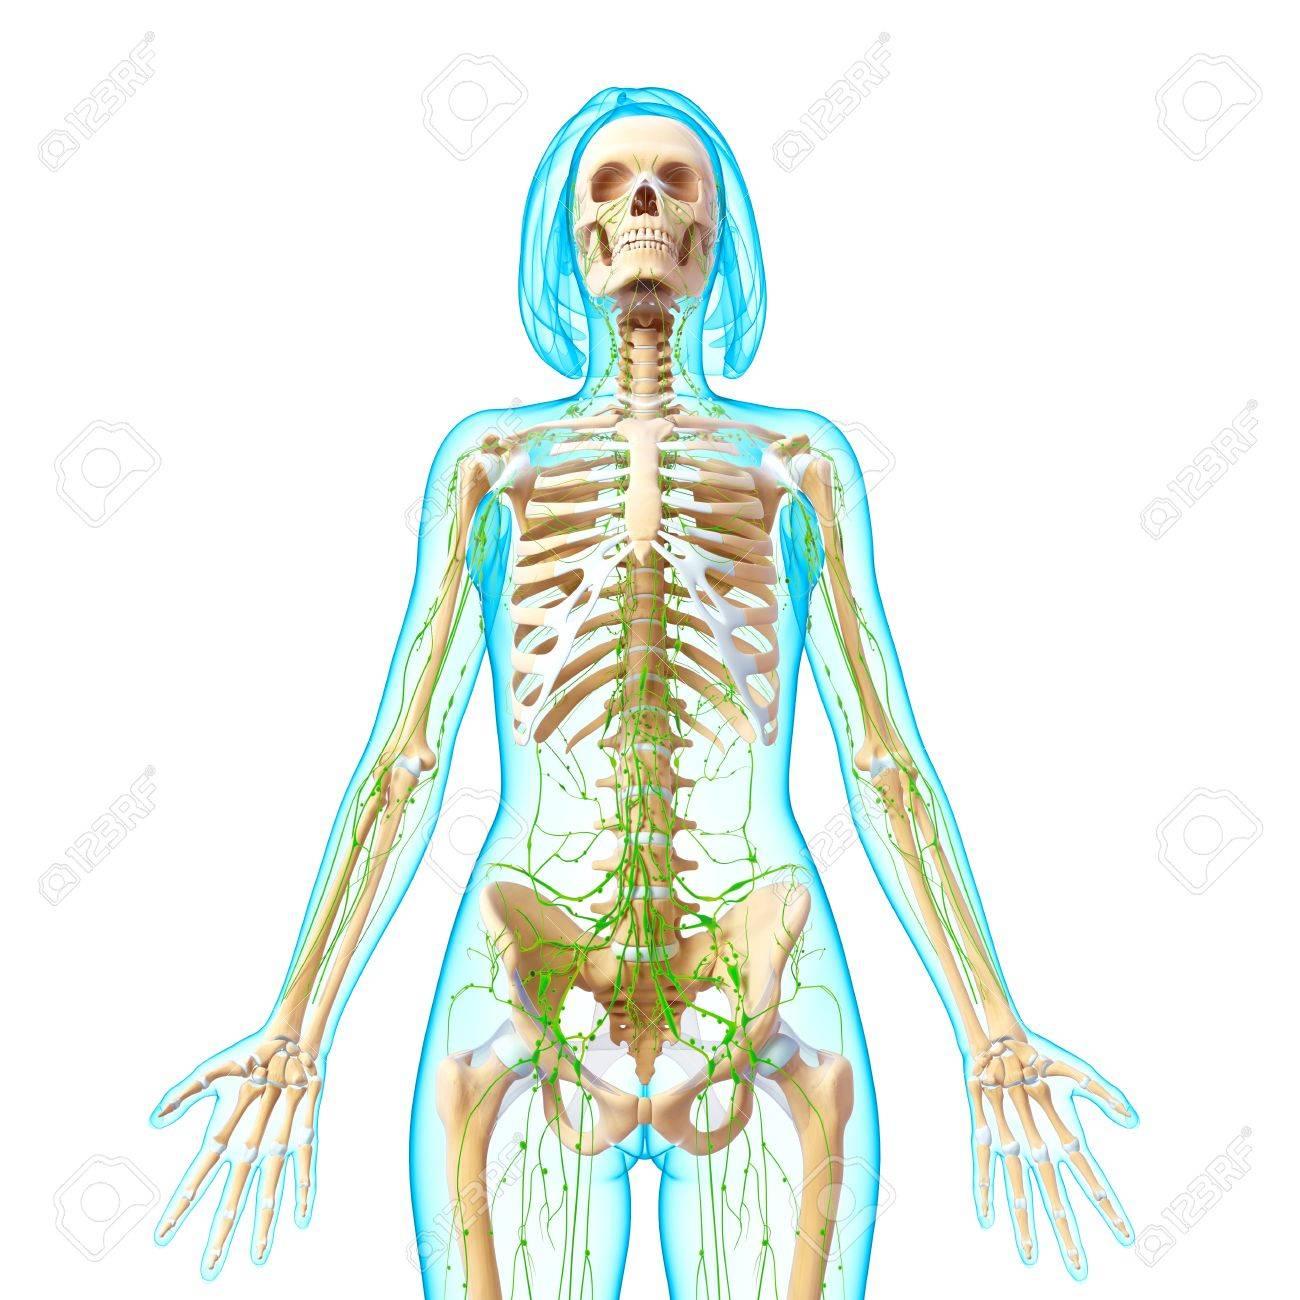 3d Kunst, Illustration, Des Lymphsystems Des Weiblichen Körpers In ...